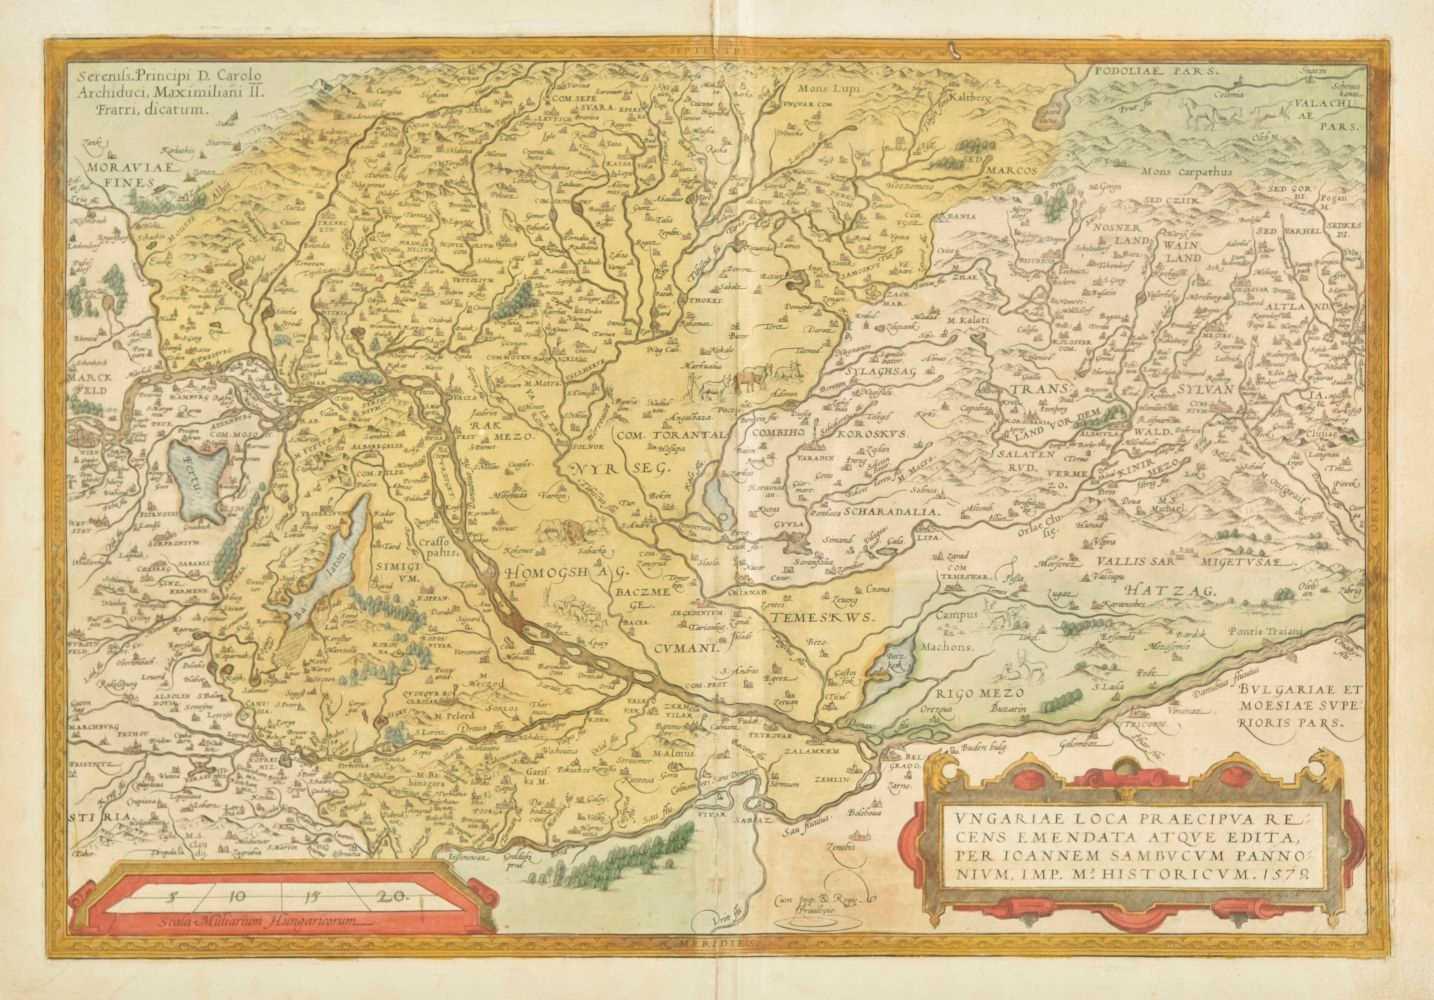 Lot 45 - Hungary. Ortelius (Abraham), Ungariae loca Praecipua..., 1584